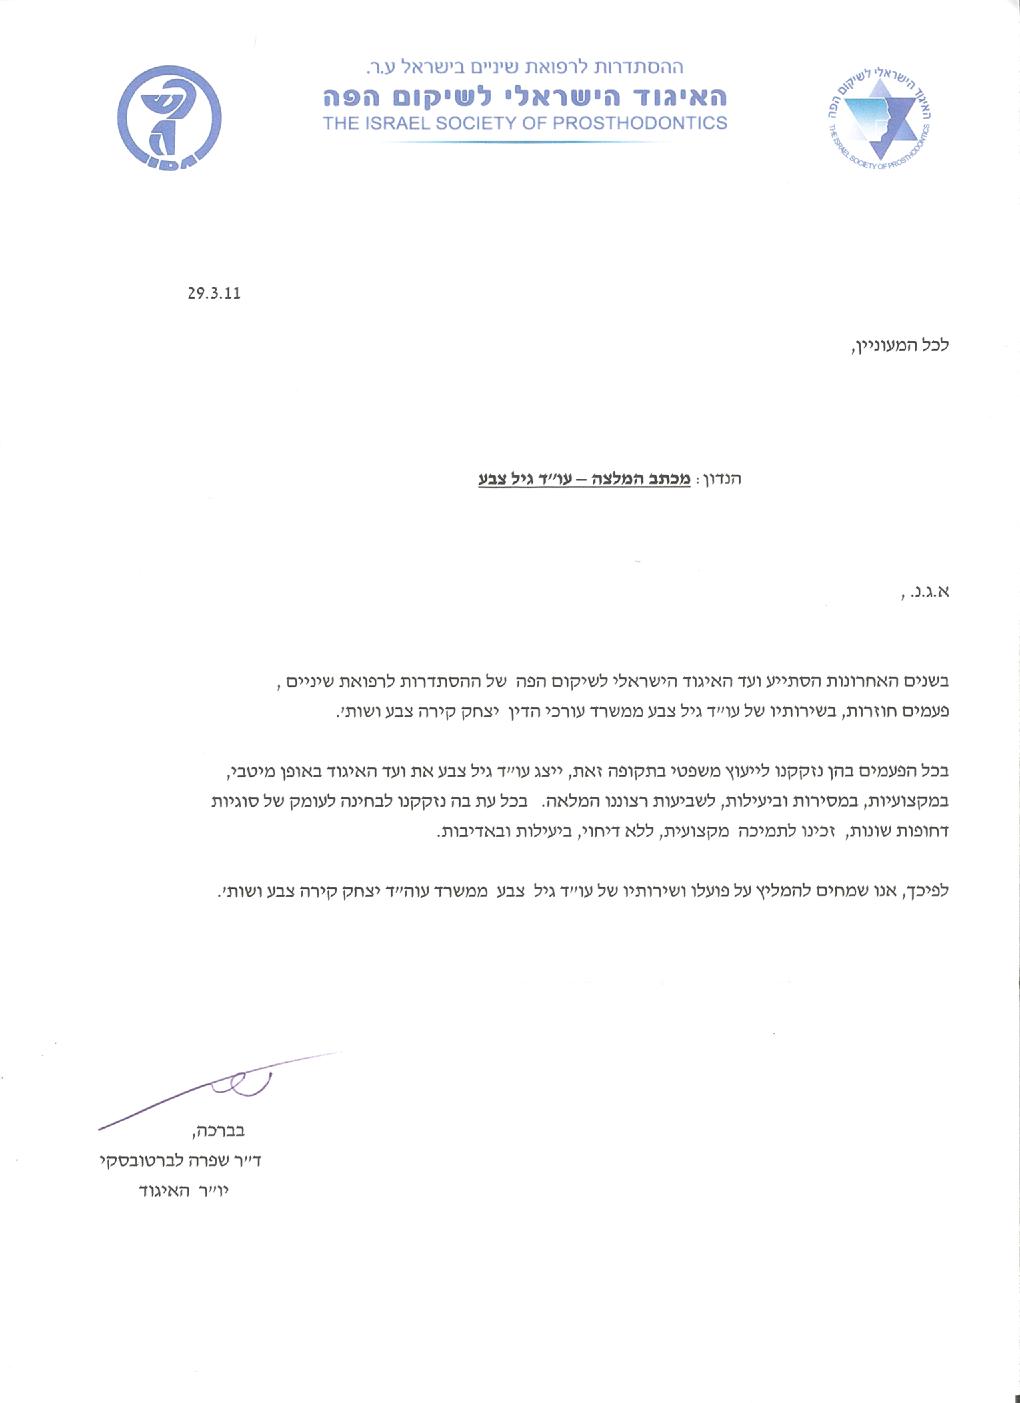 המלצה האיגוד הישראלי - טקסט בהמשך העמוד